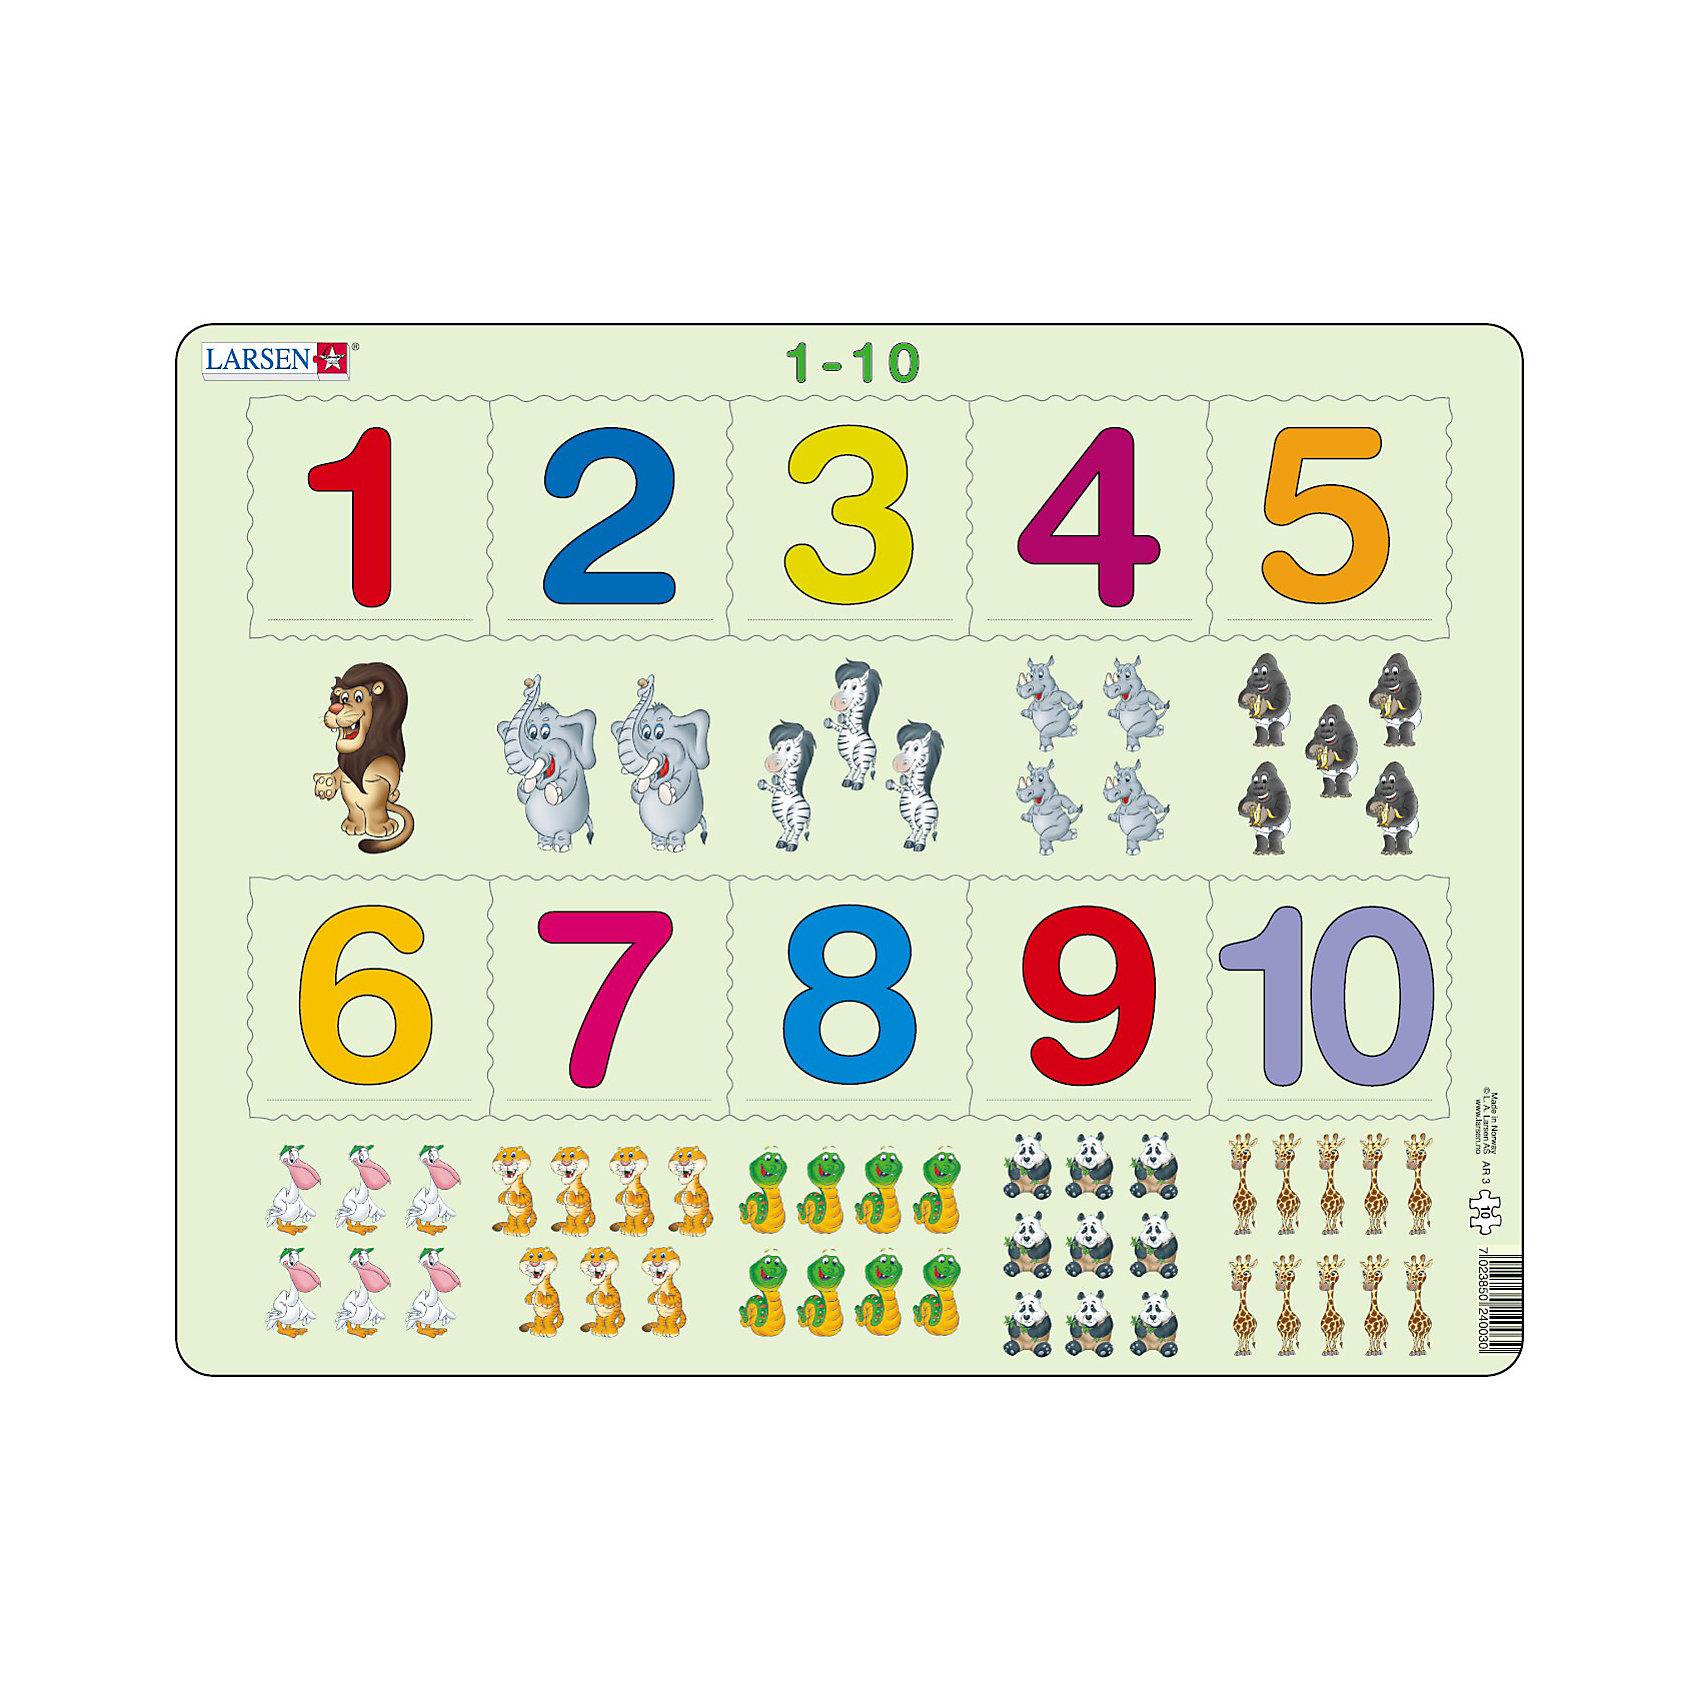 Пазл 1-10, 10 деталей, LarsenПазл 1-10, 10 деталей, Larsen (Ларсен) – этот обучающий и развивающий пазл, который относится к серии Математика и предназначен для самых маленьких. На картоне отпечатано десять различных символов, и детям необходимо правильно разместить вырубленные числа от 1 до 10 в соответствии с количеством заданных символов. Изготовлен пазл из плотного трехслойного картона, имеет специальную подложку и рамку, которые облегчают процесс сборки. Высокое качество материала и печати не допускают износа, расслаивания, деформации деталей и стирания рисунка. Занятия по сборке пазла развивают мелкую моторику пальцев, образное и логическое мышление, пространственное воображение, память, внимание, усидчивость, координацию движений.<br><br>Дополнительная информация:<br><br>- Количество элементов: 10 деталей<br>- Материал: плотный трехслойный картон<br>- Размер пазла: 36,5 x 28,5 см.<br><br>Пазл 1-10, 10 деталей, Larsen (Ларсен) можно купить в нашем интернет-магазине.<br><br>Ширина мм: 370<br>Глубина мм: 284<br>Высота мм: 10<br>Вес г: 313<br>Возраст от месяцев: 36<br>Возраст до месяцев: 60<br>Пол: Унисекс<br>Возраст: Детский<br>Количество деталей: 10<br>SKU: 3206511